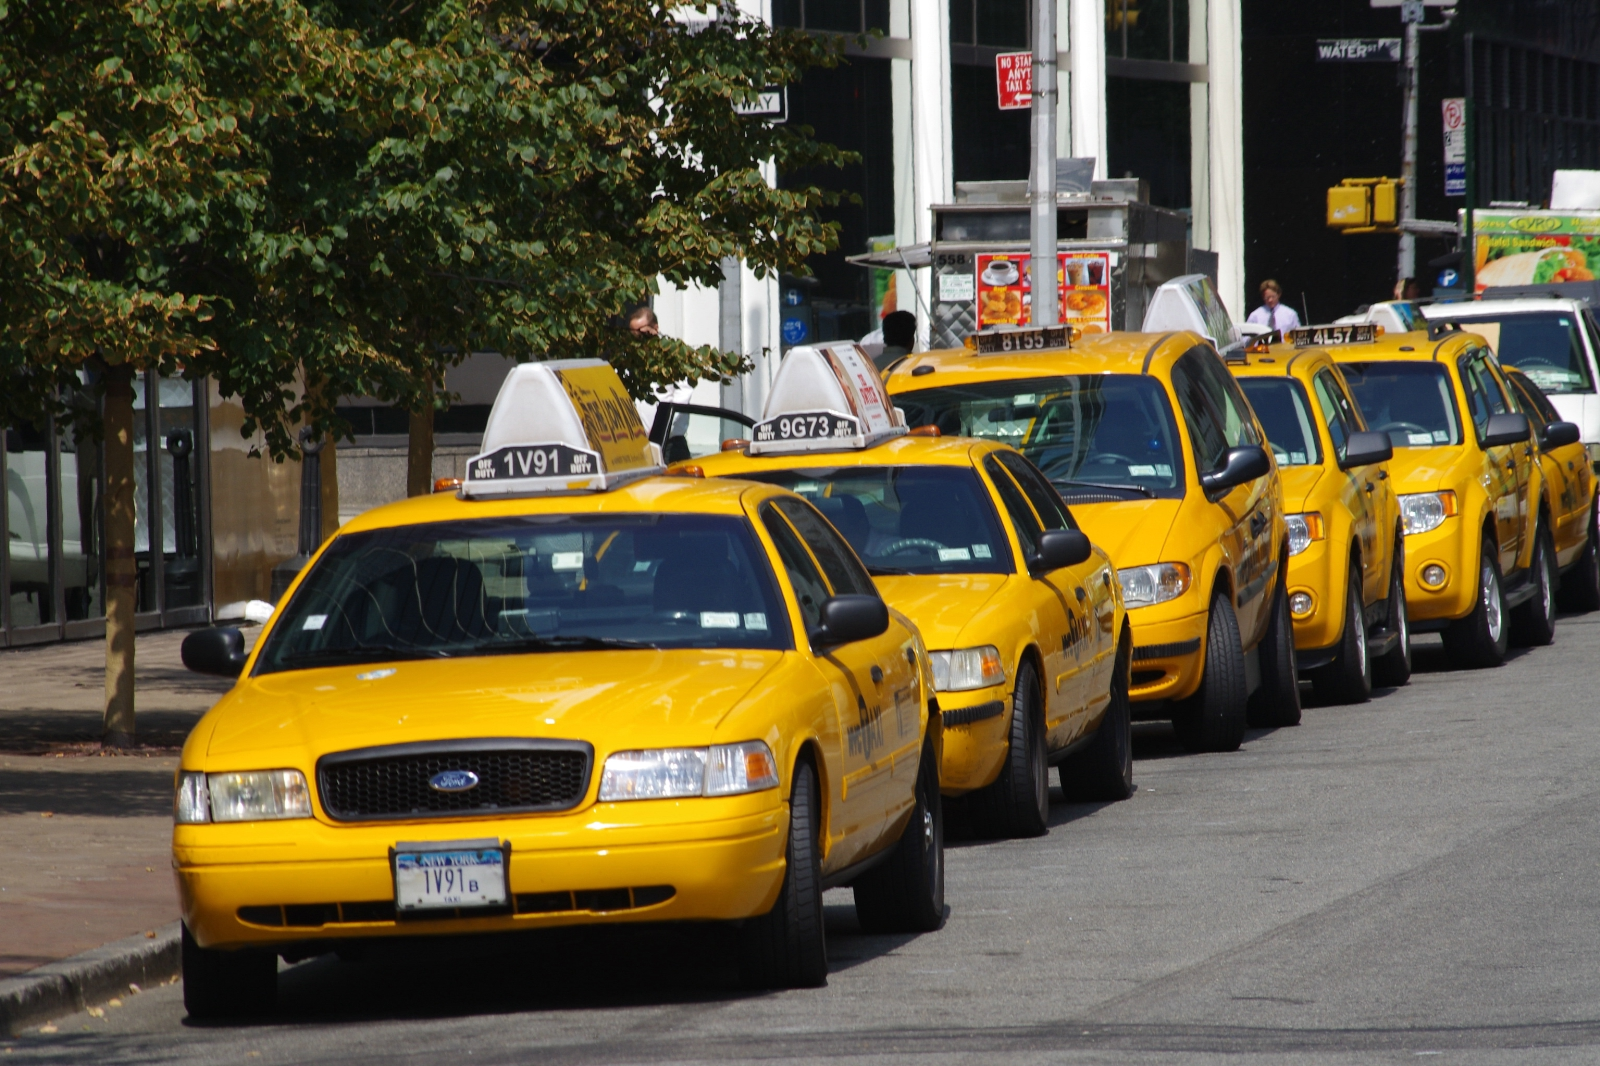 ТОП-10 цікавинок і приколів про таксі - фото 1